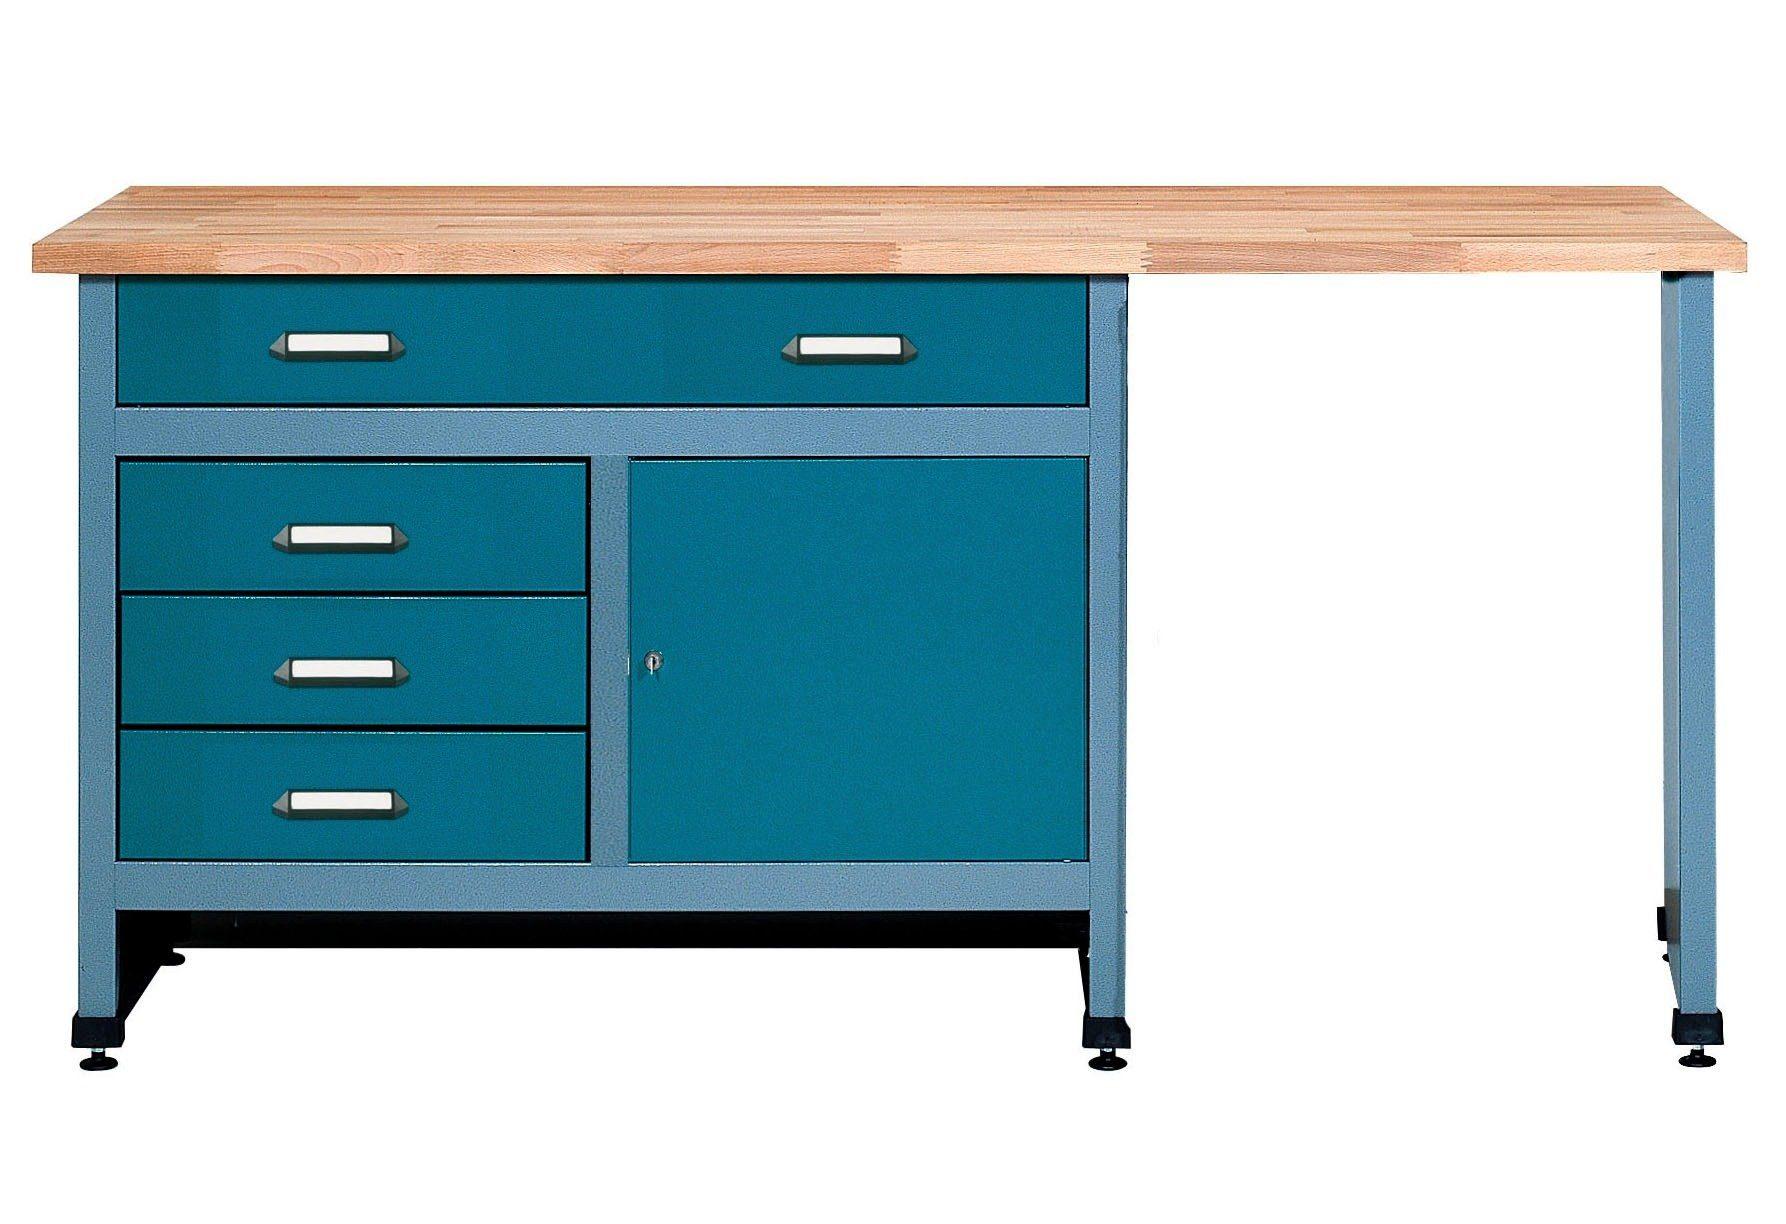 Küpper Werkbank »Tür, 4 Schubladen, Sitzraum, in hammerschlagblau«